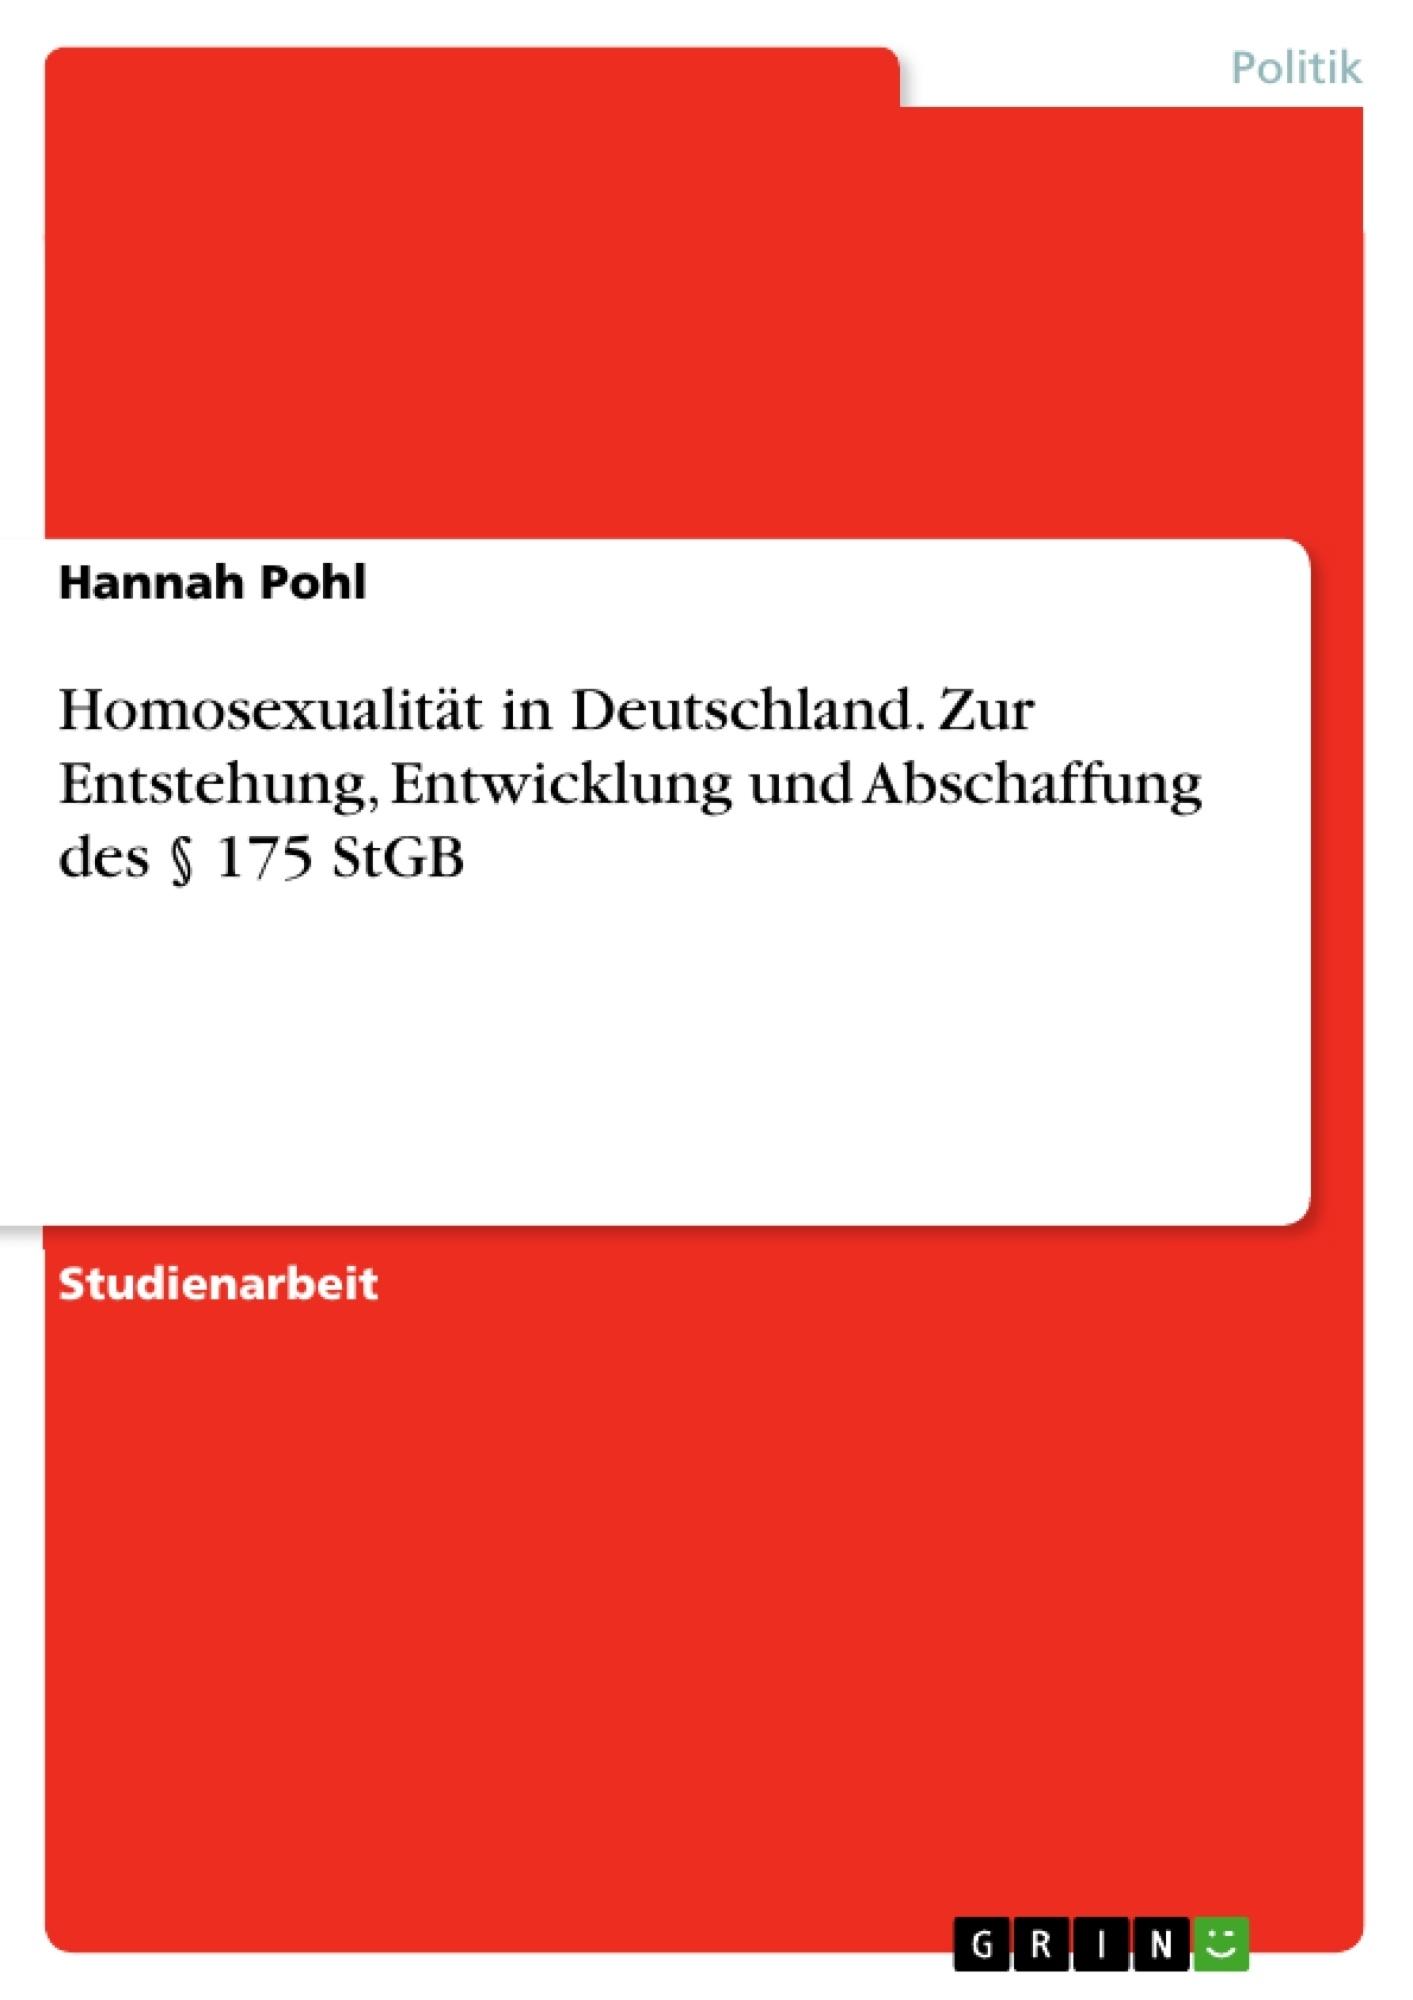 Titel: Homosexualität in Deutschland. Zur Entstehung, Entwicklung und Abschaffung des  § 175 StGB